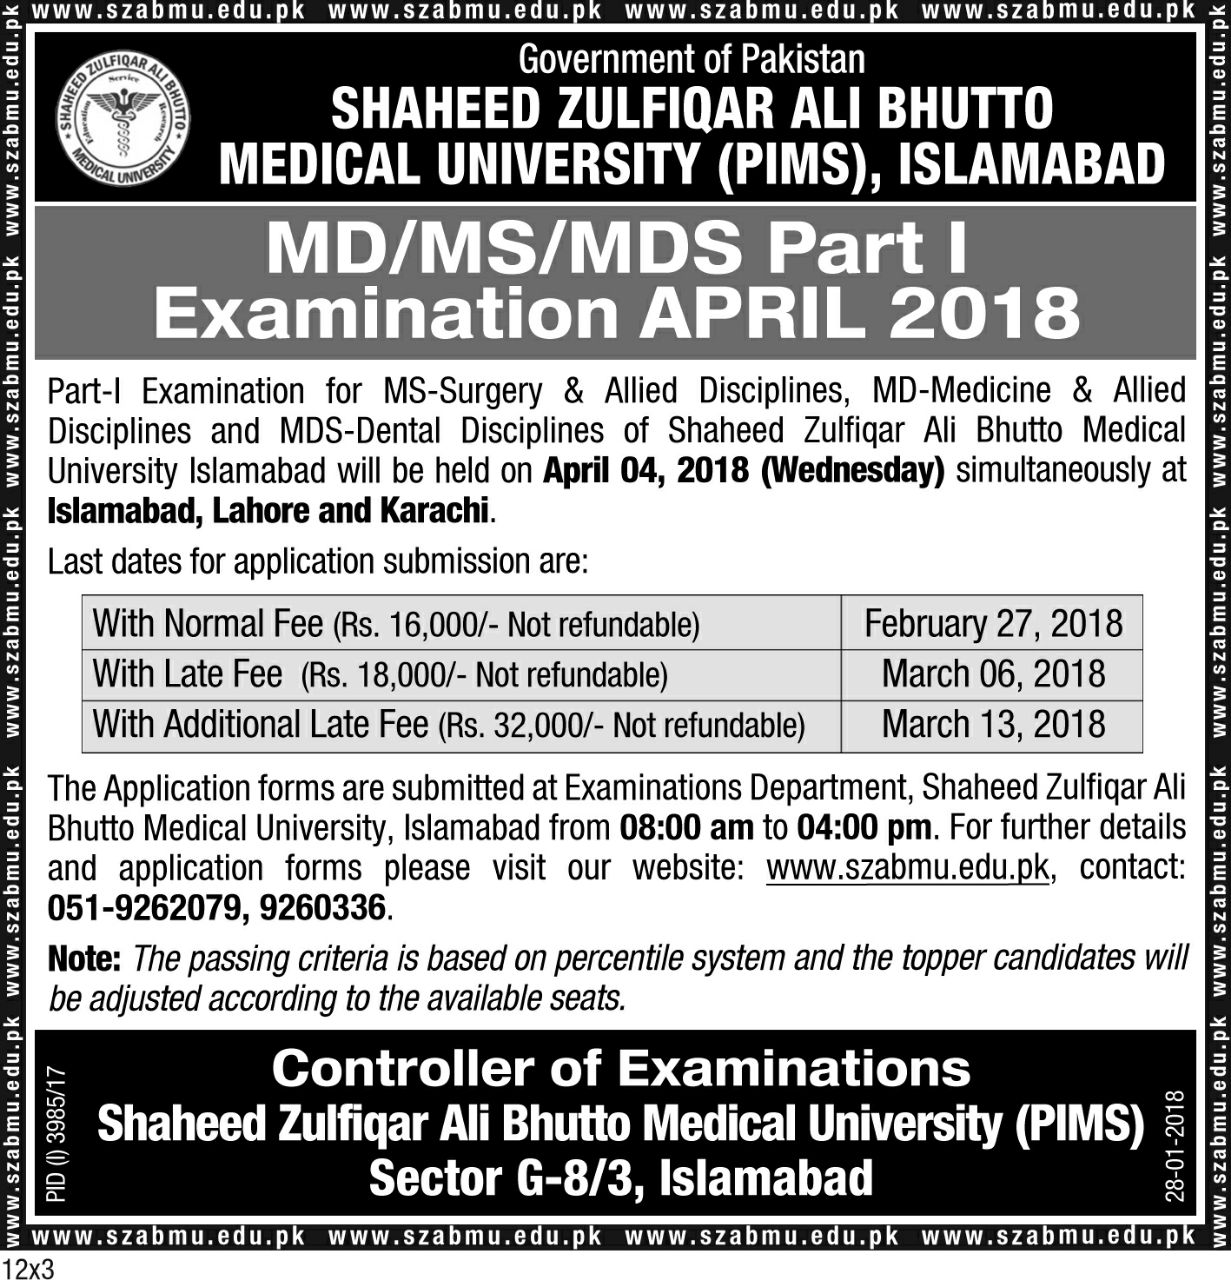 MD/MS/MDS Part I Examination April 2018